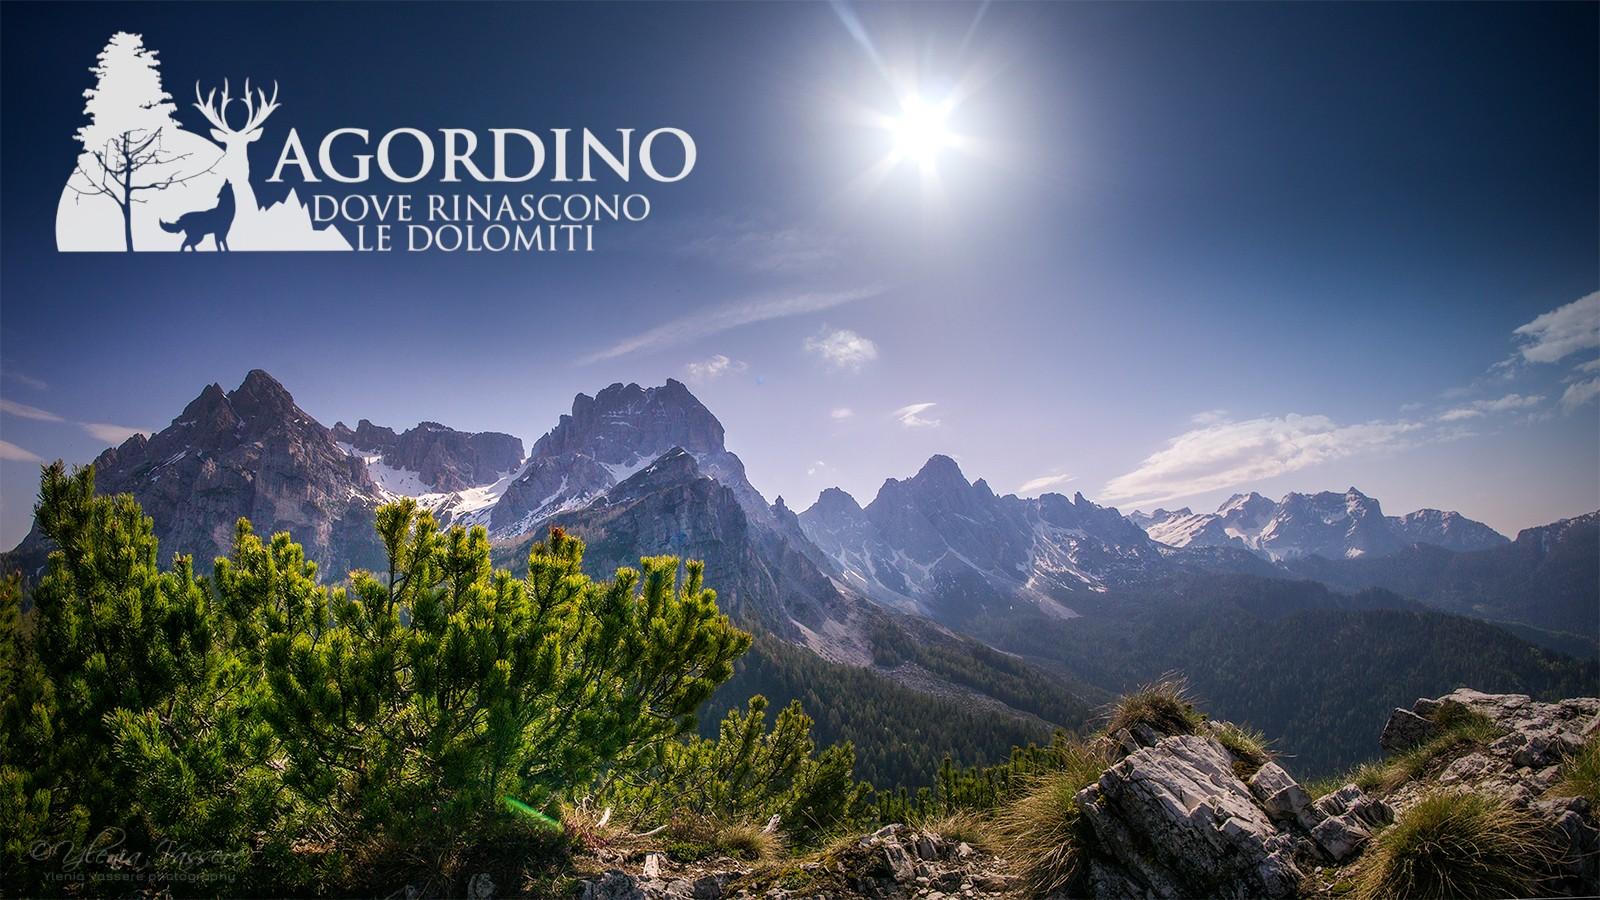 La Valle Agordina Col Menadar - Agordino dove rinascono le dolomiti